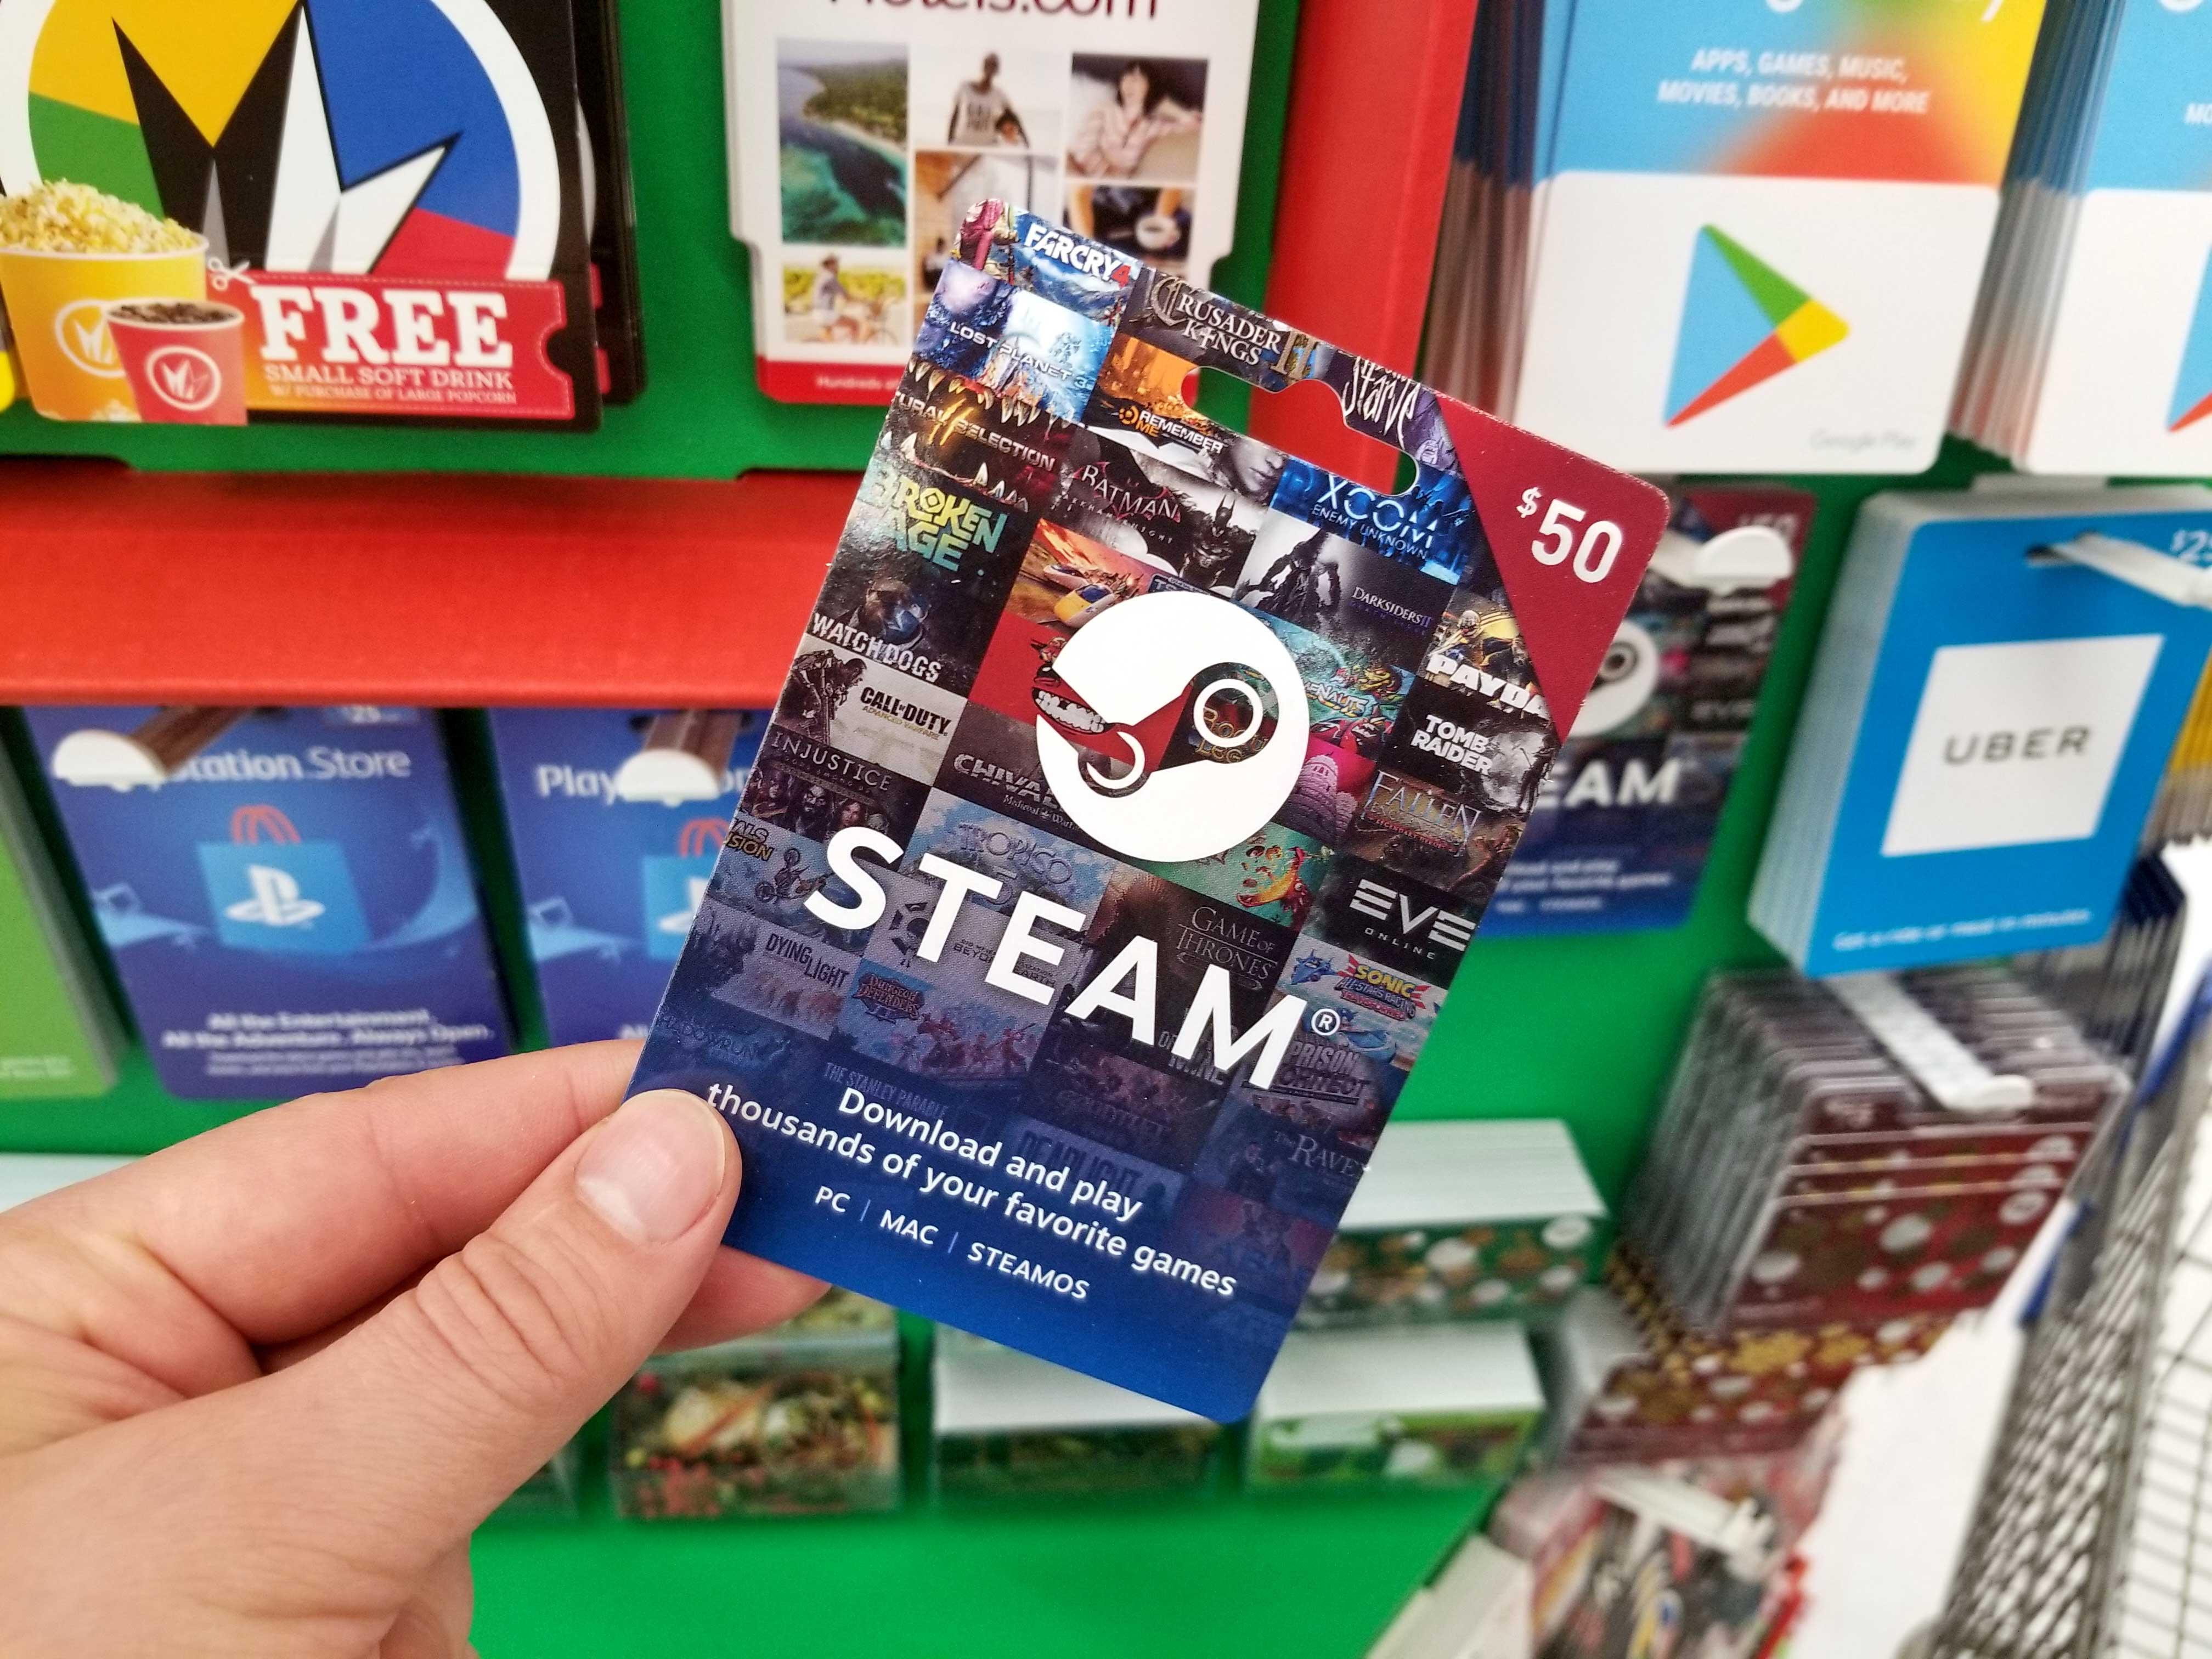 steam-gift-card, A Red Gamer, aredgamer.com